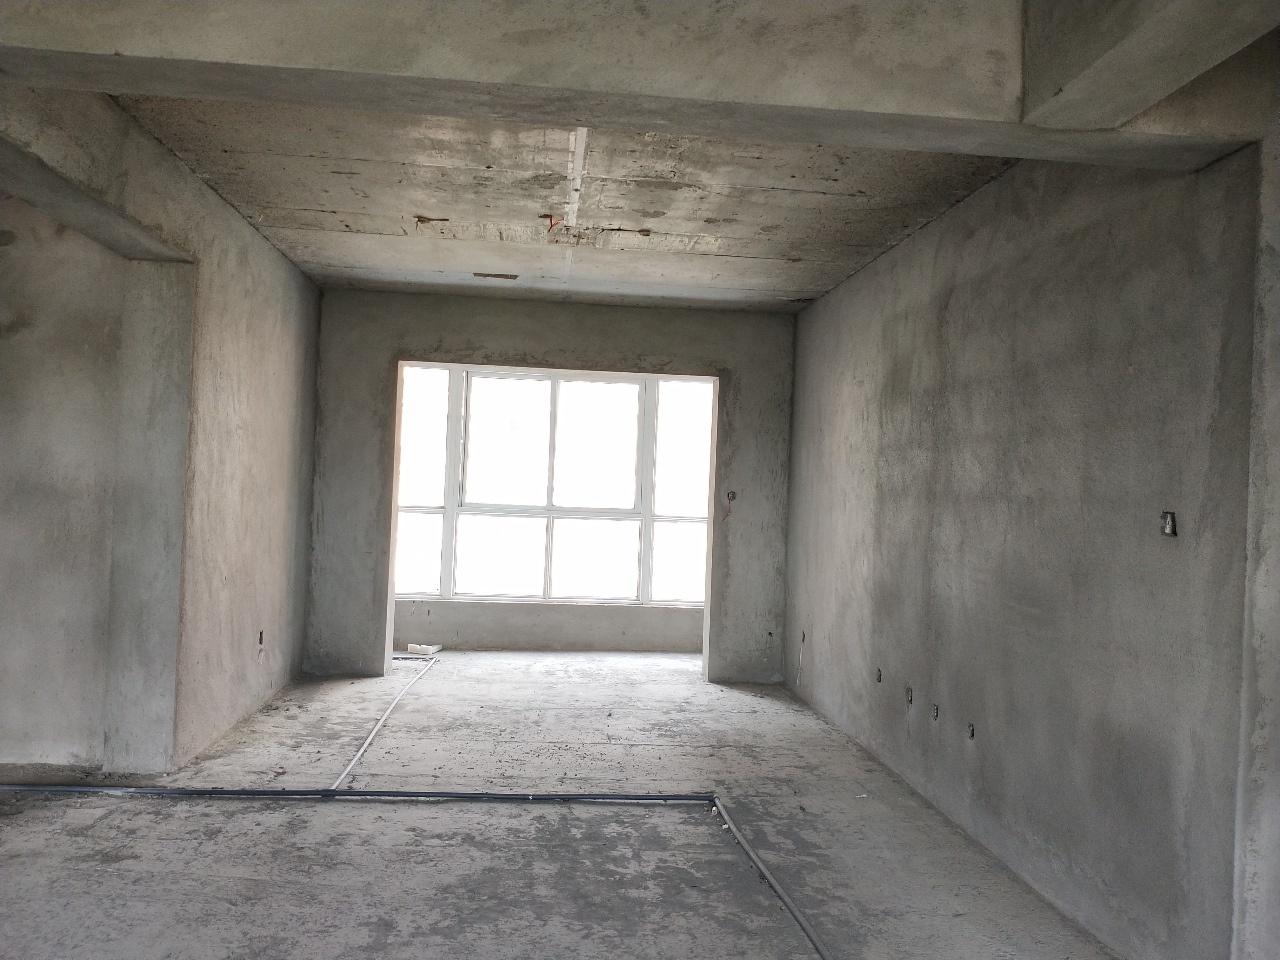 枫丹丽舍3室2厅2卫67万元走一手房手续